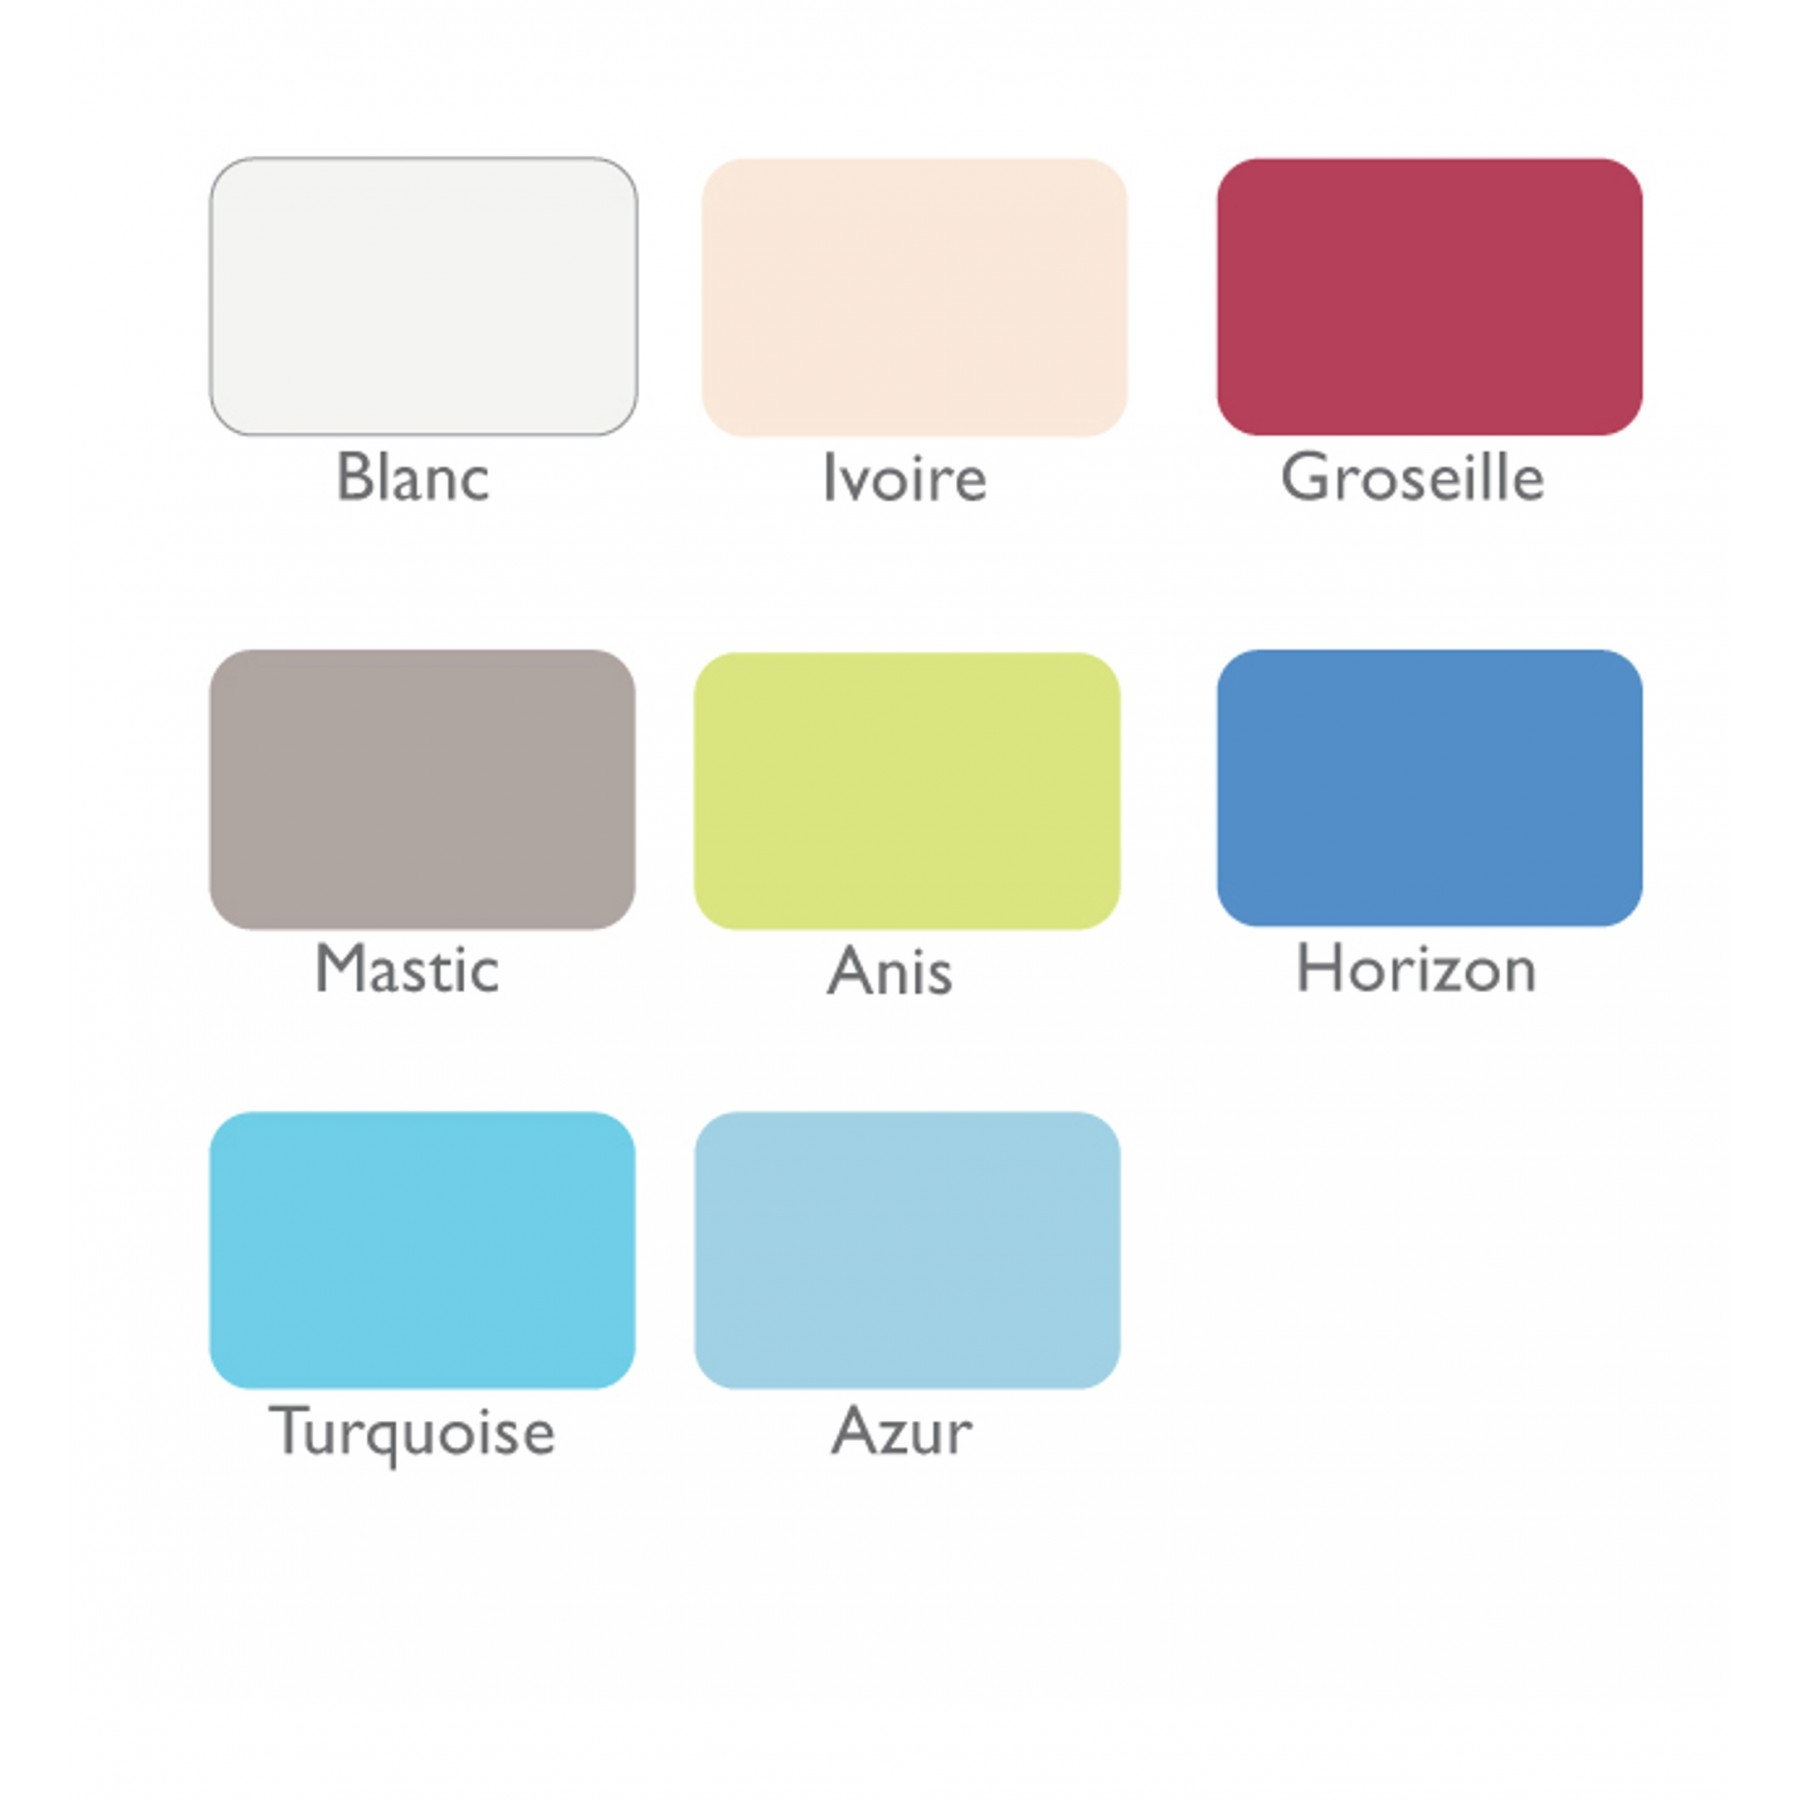 drap housse matelas b b essix 100 coton le sp cialiste du matelas. Black Bedroom Furniture Sets. Home Design Ideas